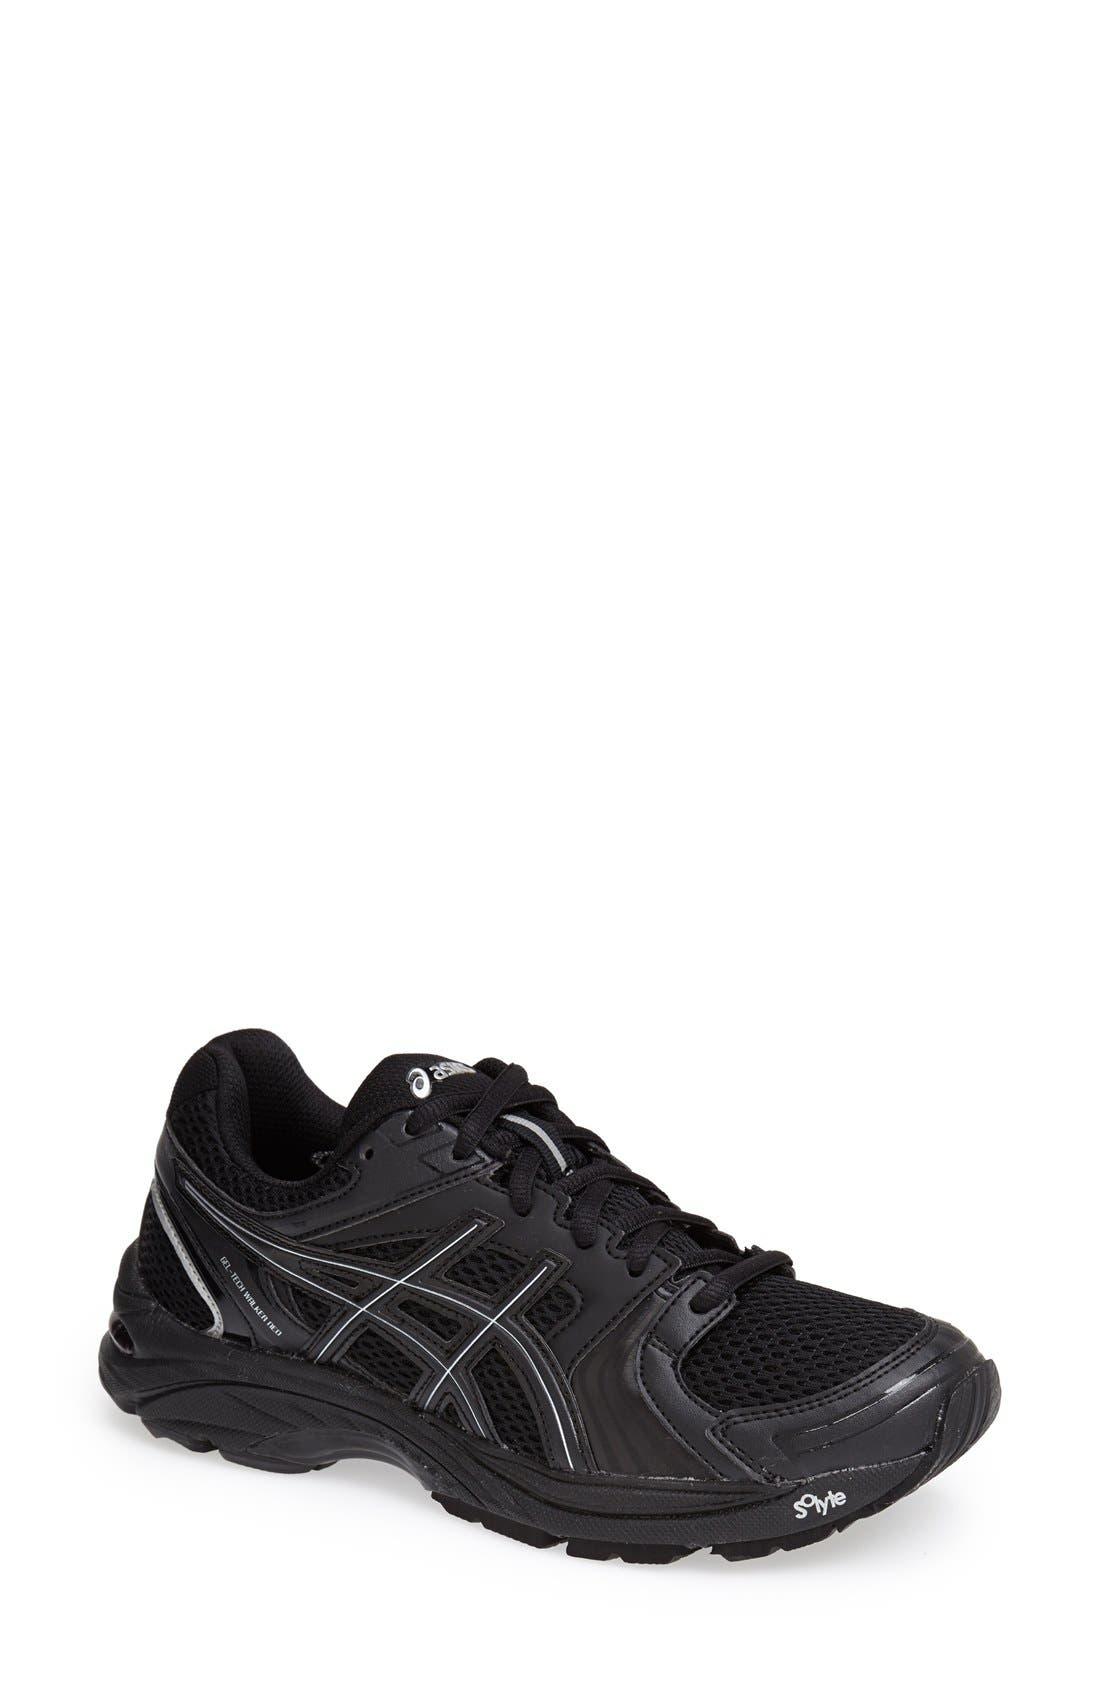 Main Image - ASICS® 'GEL-Tech Neo 4' Walking Shoe (Women)